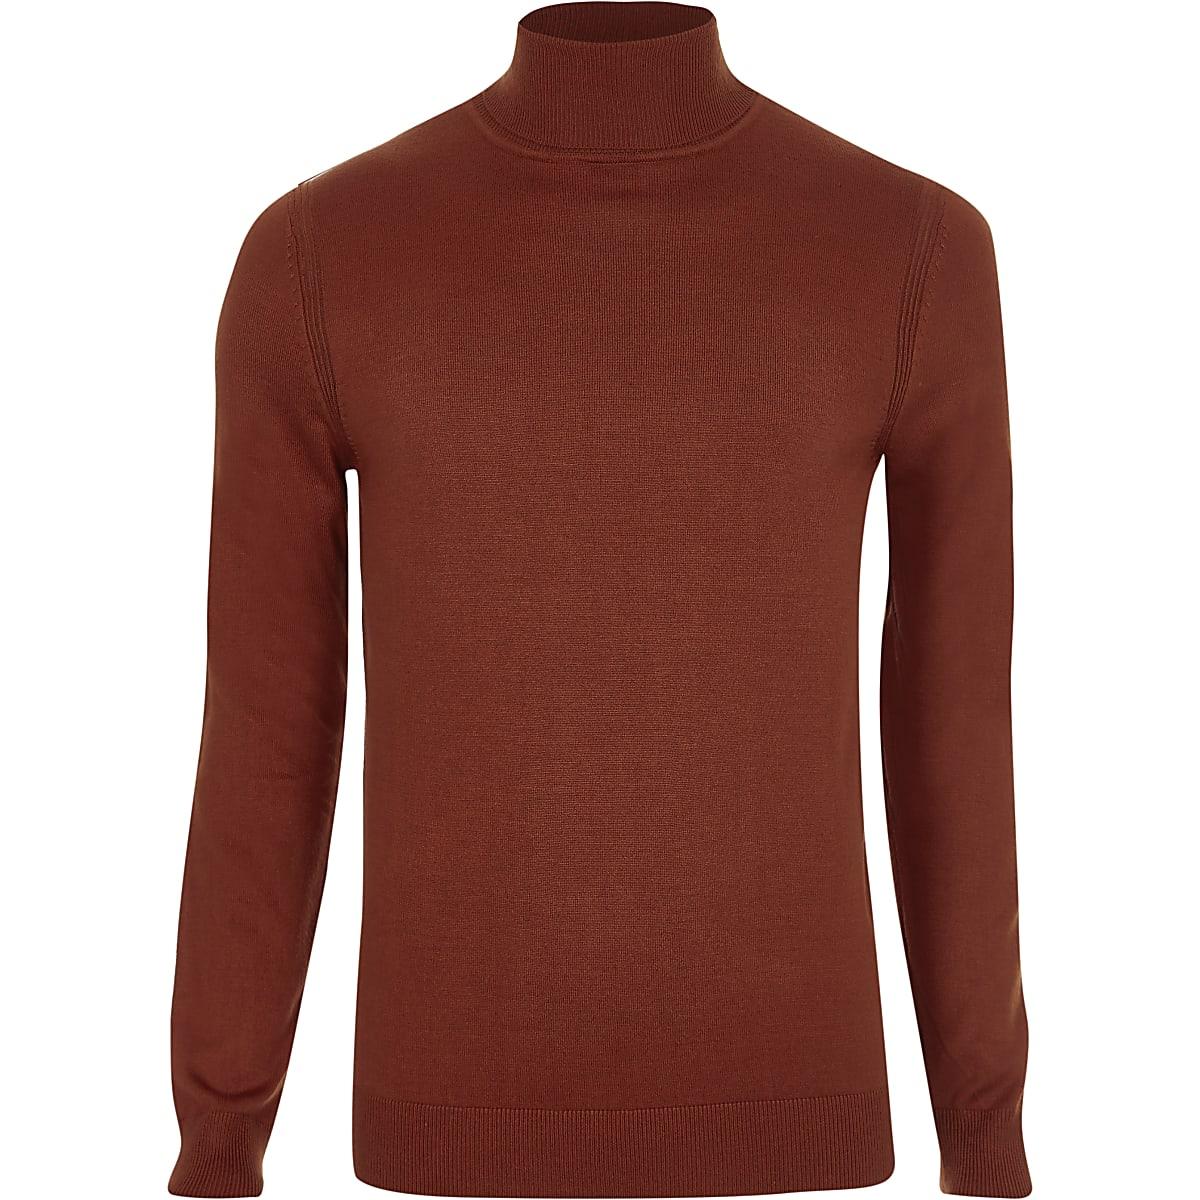 aeb70af7981e7f Orange roll neck slim fit jumper - Jumpers - Jumpers & Cardigans - men